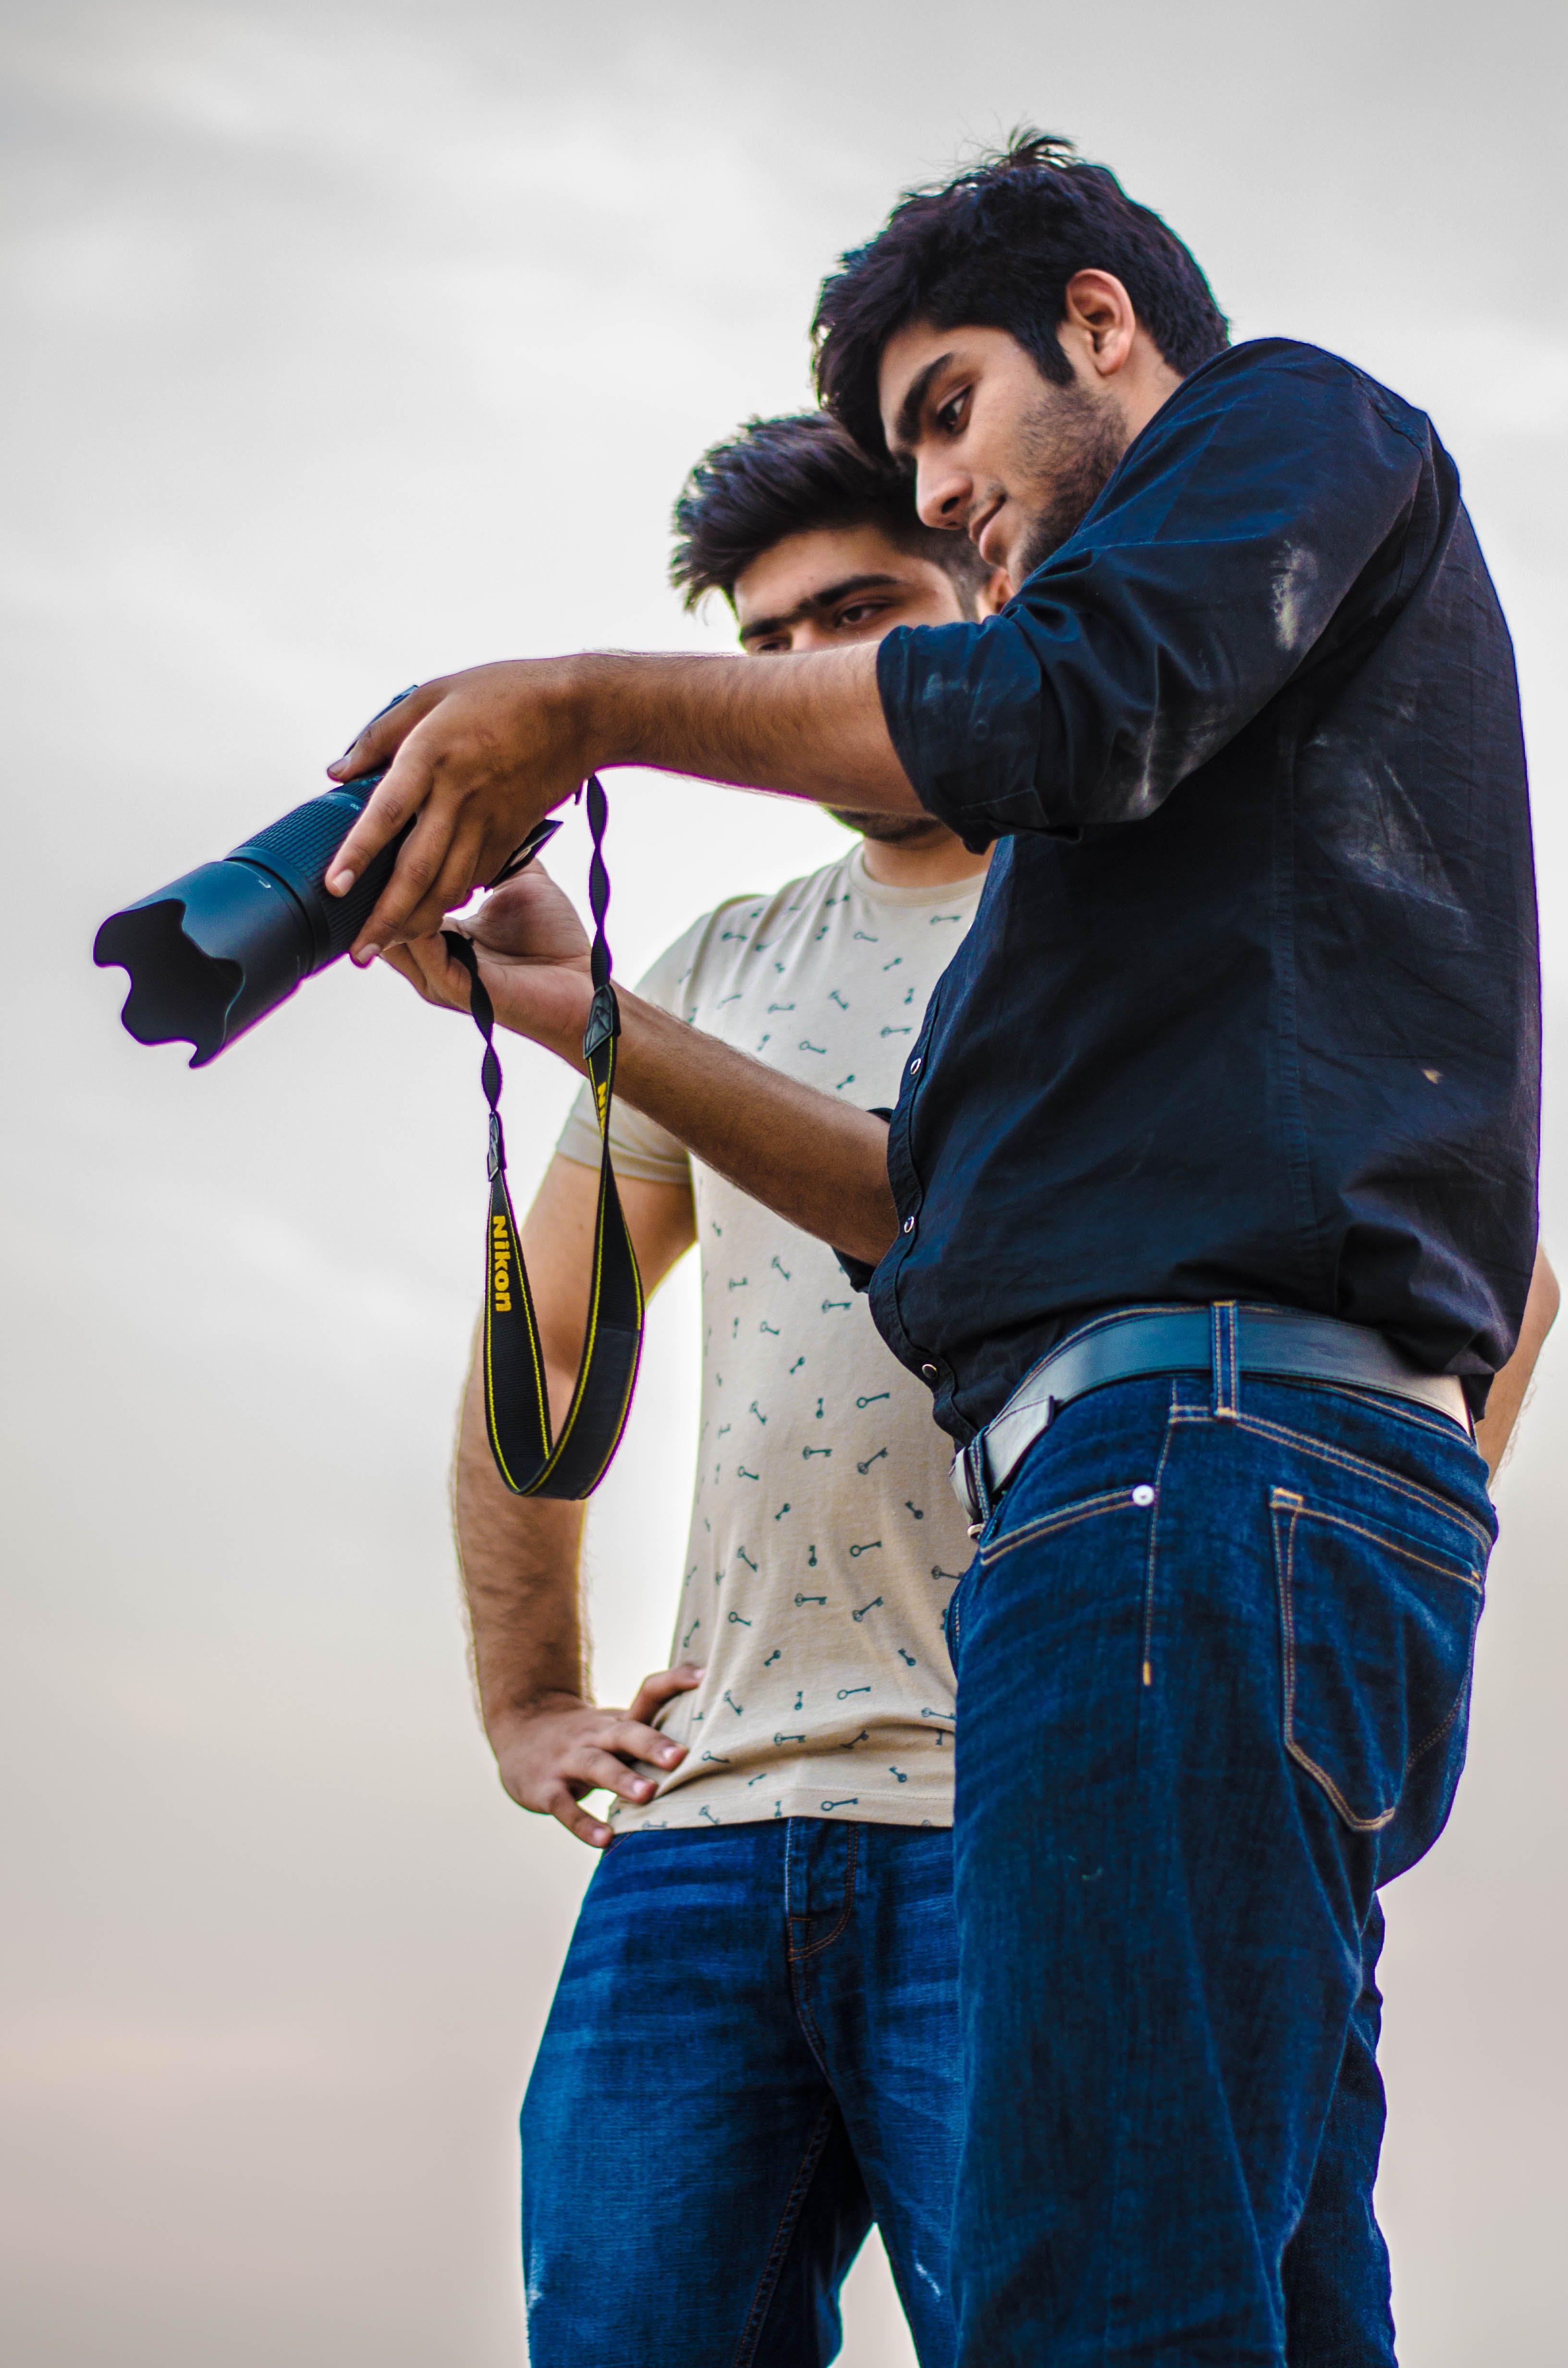 Kostenloses Stock Foto zu beste freunde, draussen, festbrennweite, fotograf